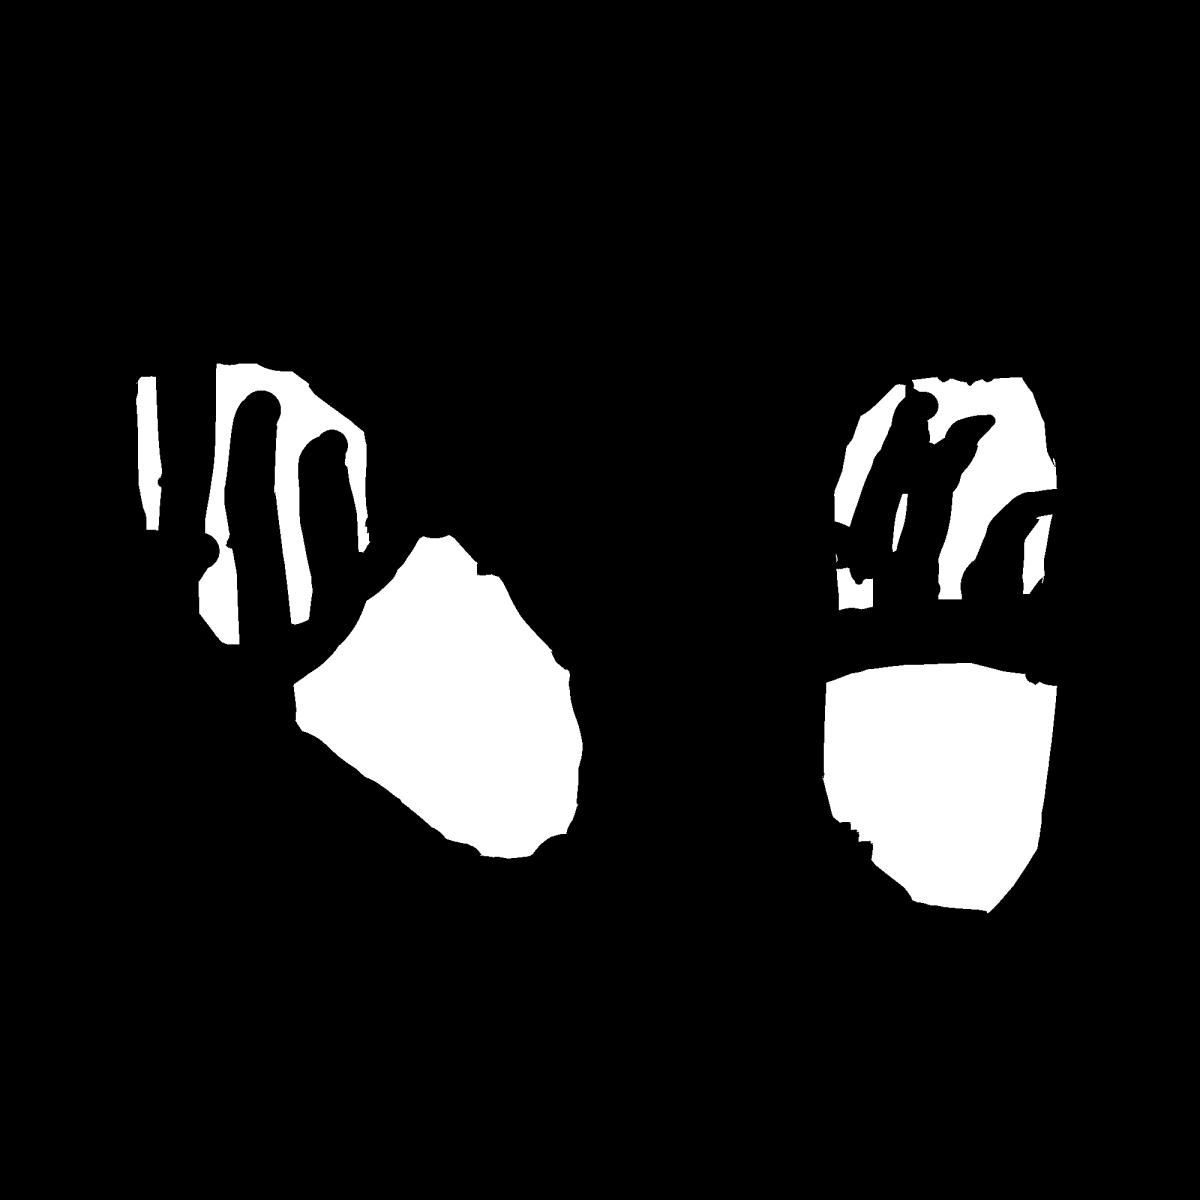 薬1のイラスト / Drug1ドラッグ Illustration